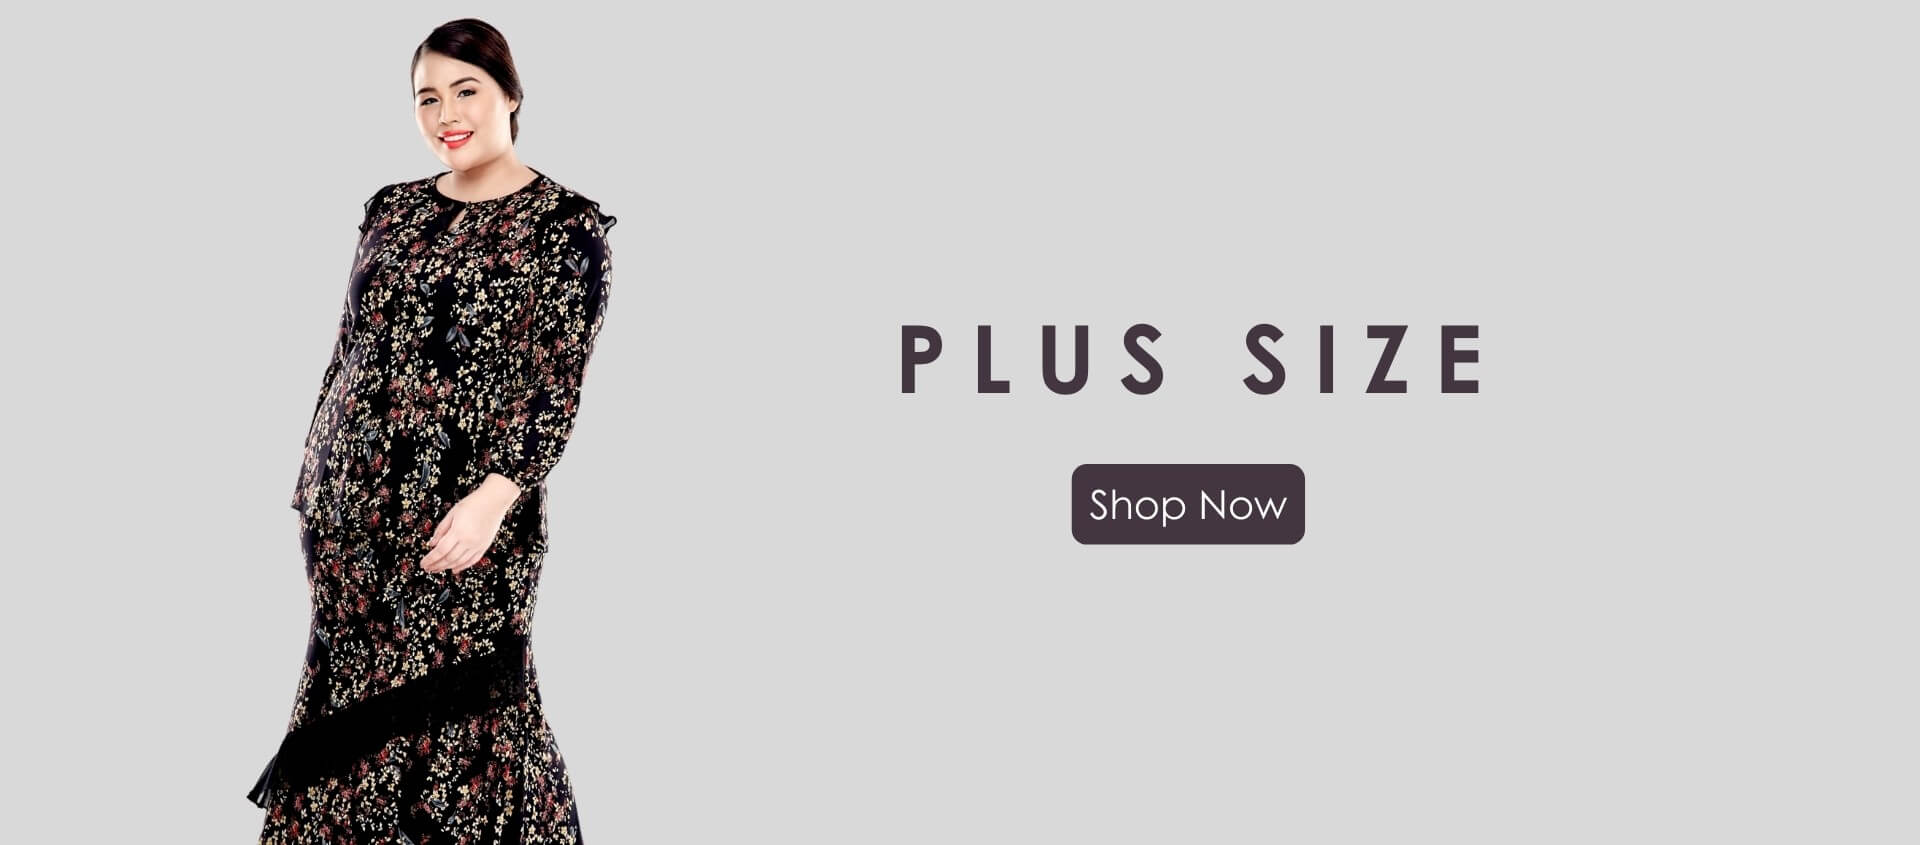 Plus Size banner April 2021